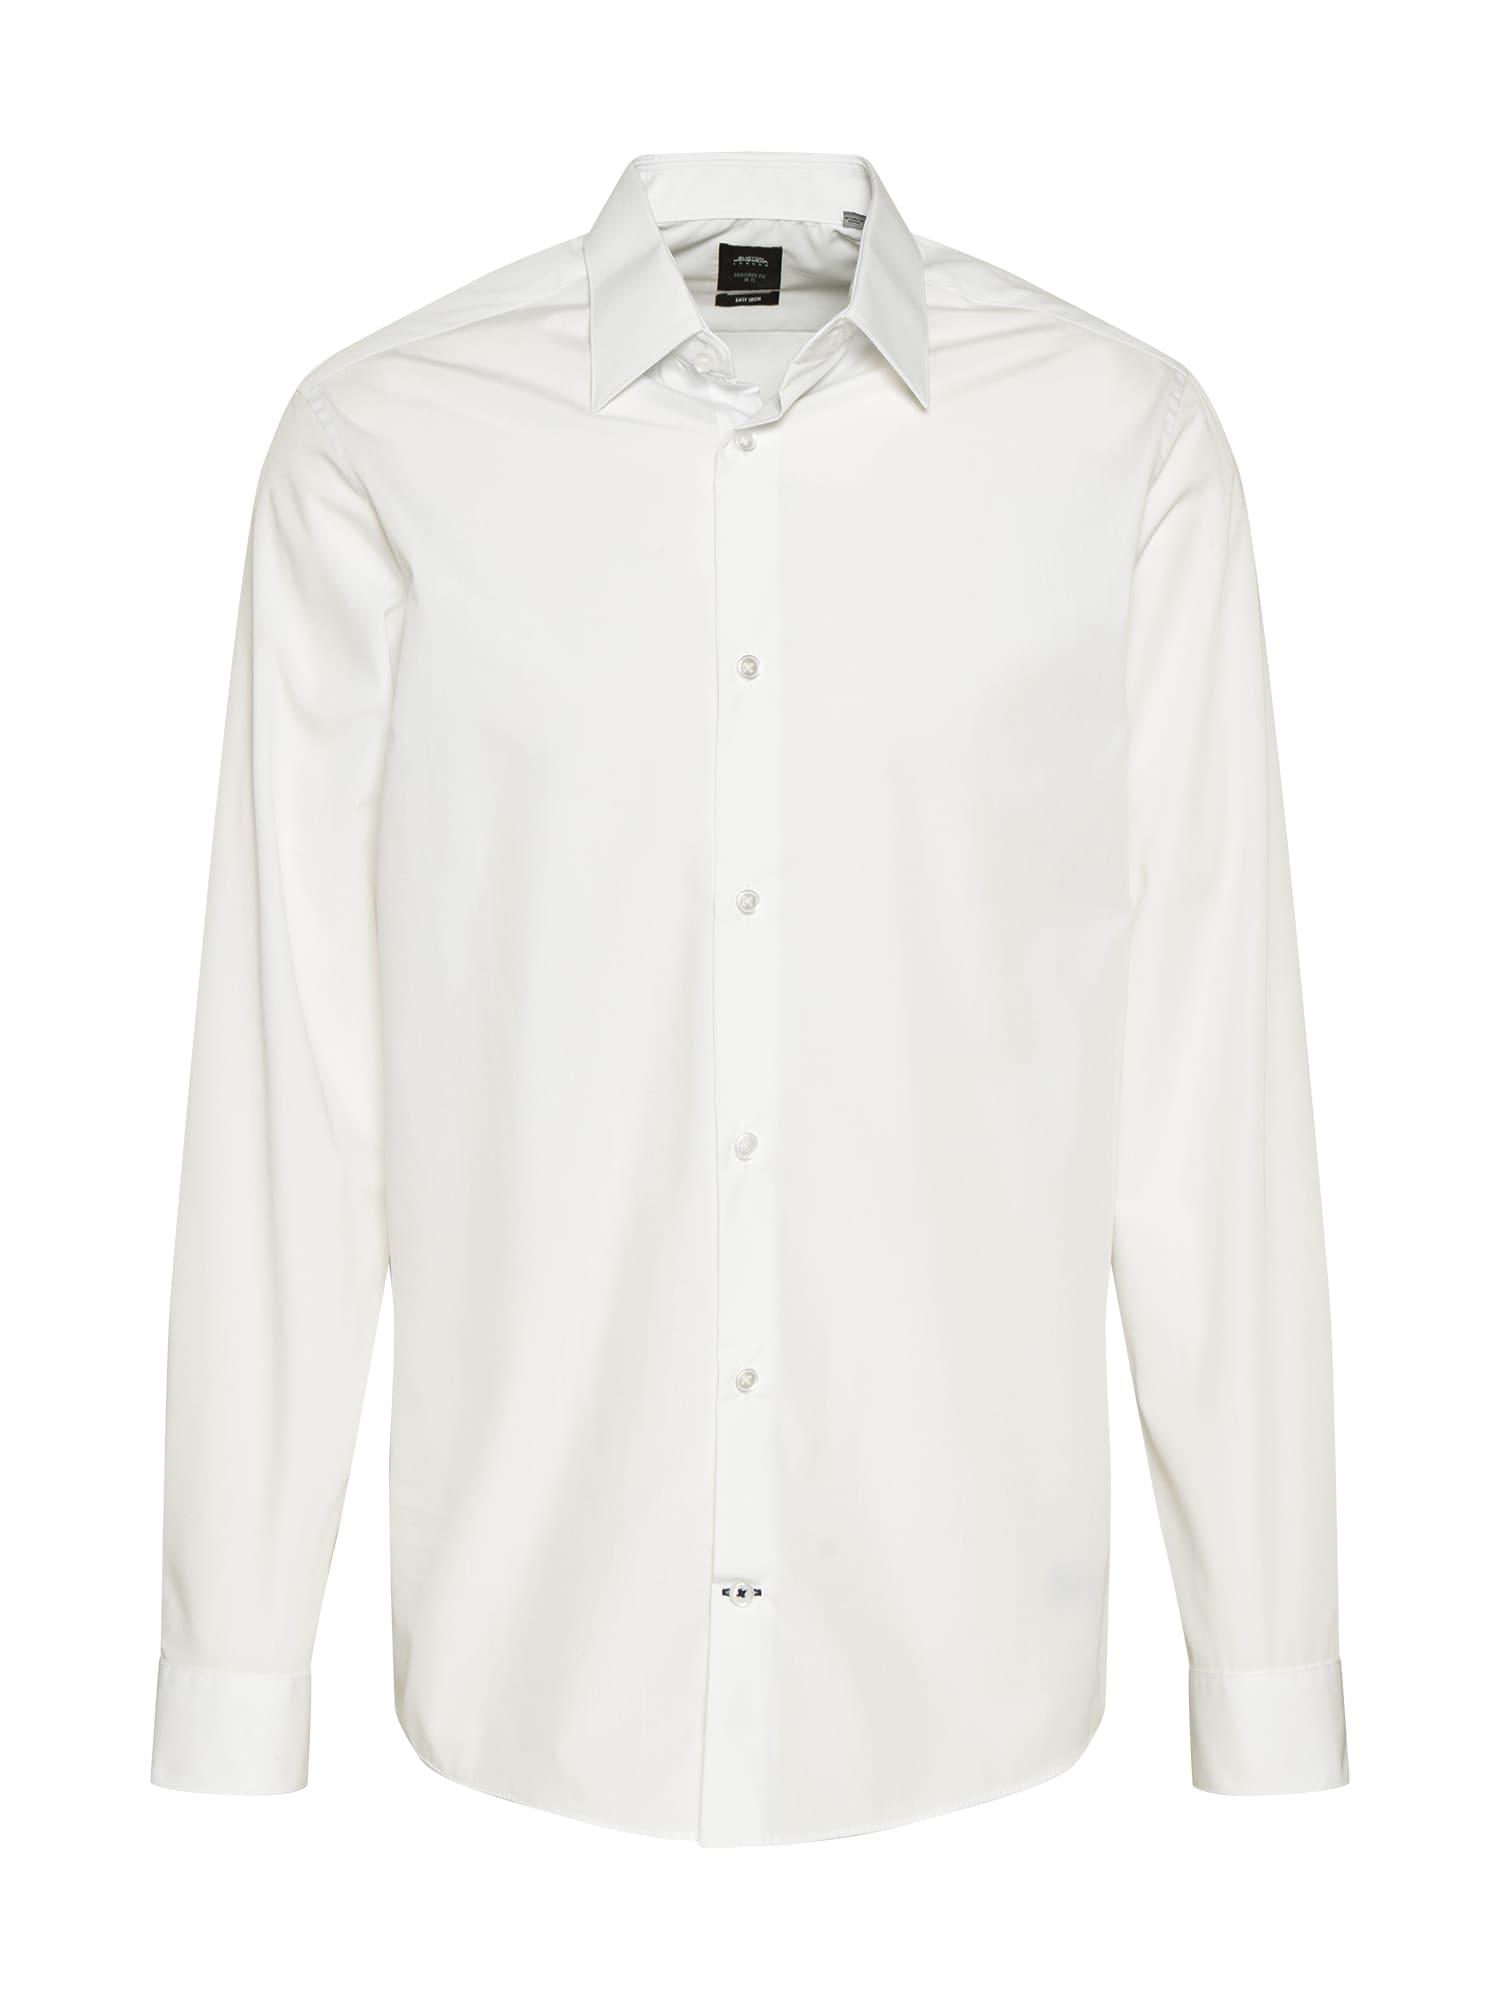 BURTON MENSWEAR LONDON (Big & Tall) Dalykinio stiliaus marškiniai balta